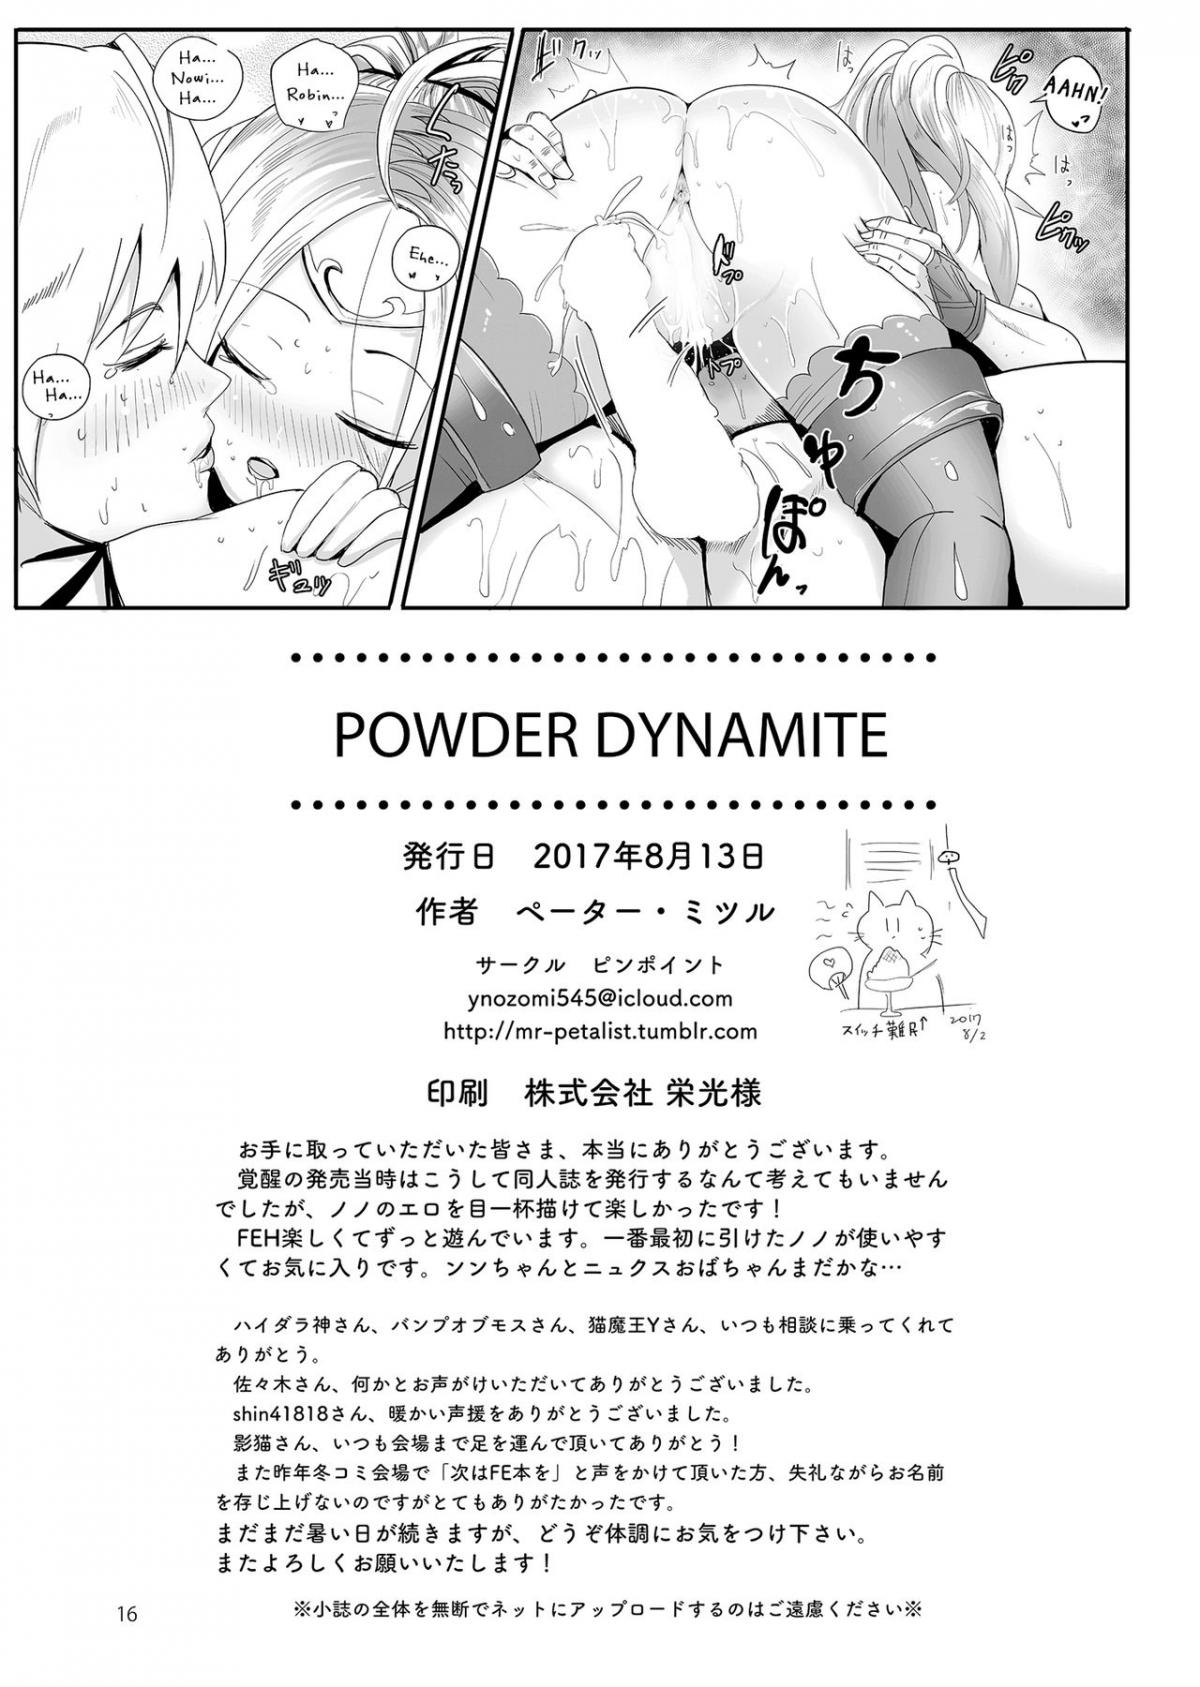 Hình ảnh  trong bài viết POWDER DYNAMITE